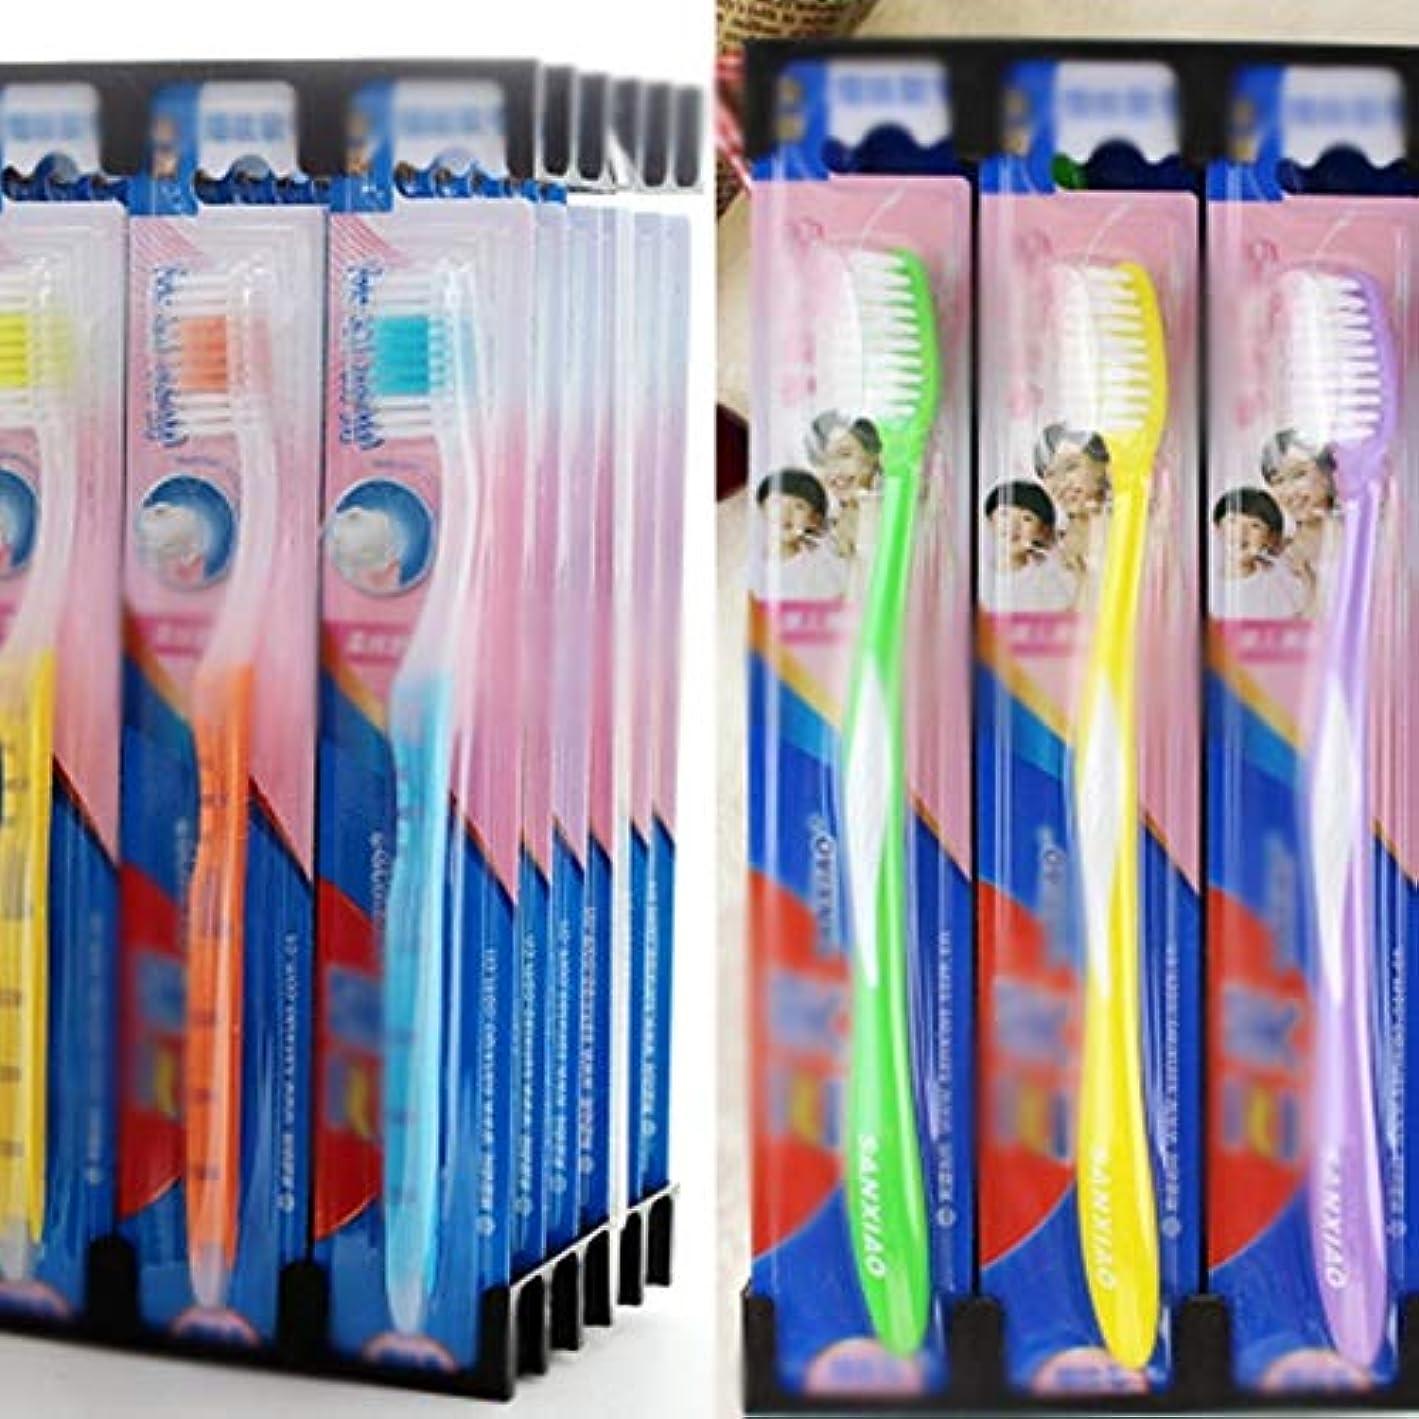 信号致命的物理歯ブラシ 30パック歯ブラシ、家族バルク成人歯ブラシ、2つのスタイル混合包装歯ブラシ - 任意8つの組み合わせ KHL (色 : D, サイズ : 30 packs)